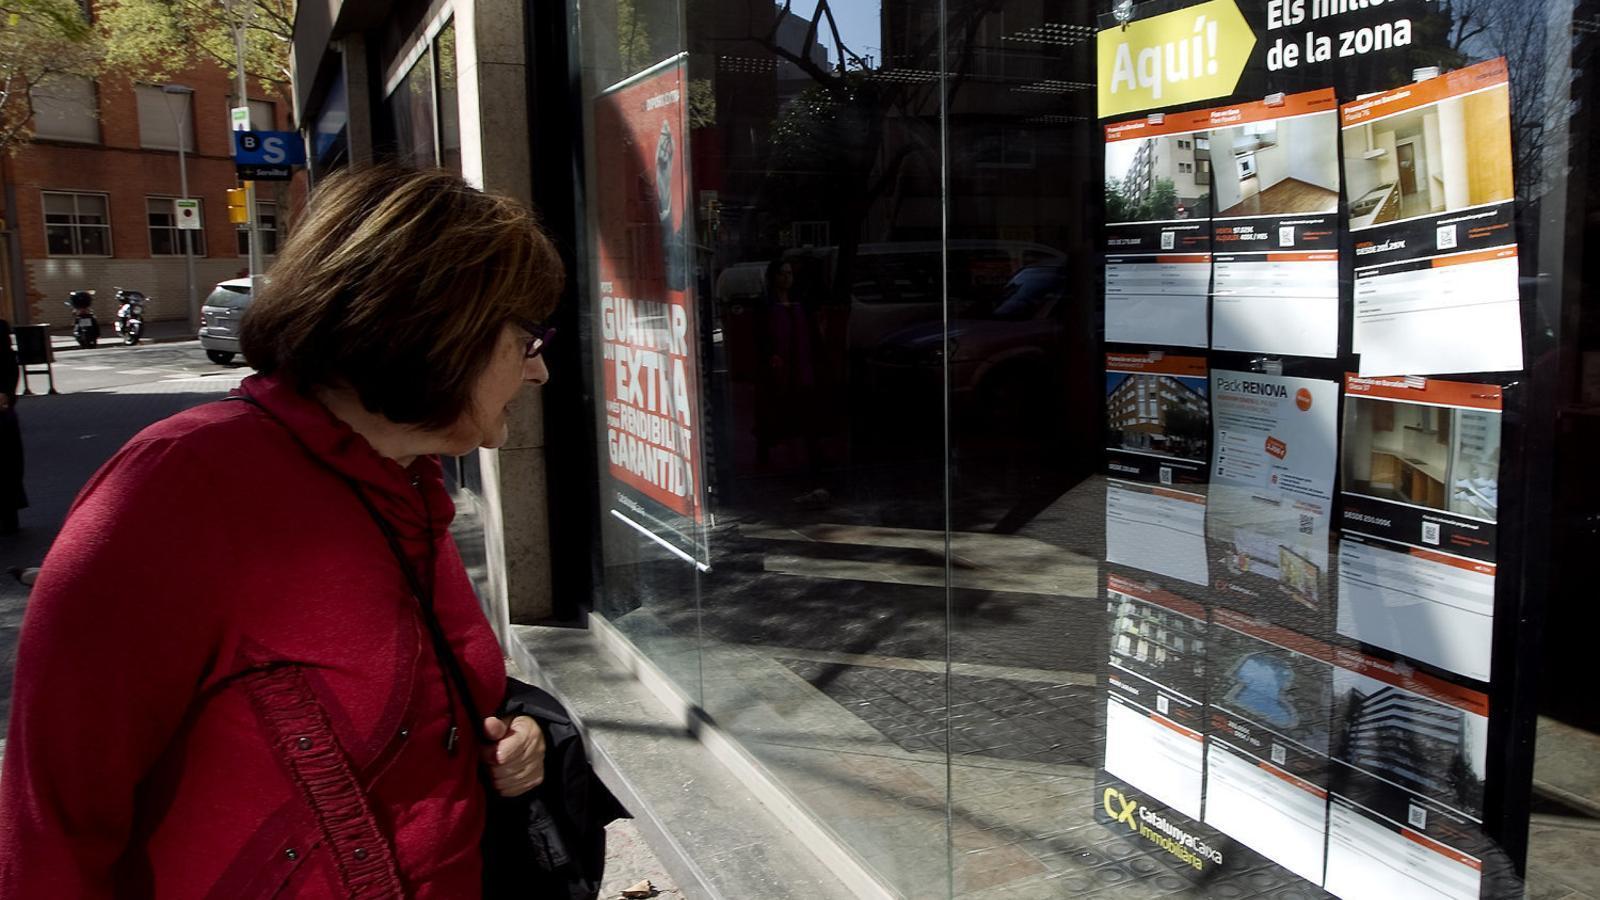 L'Ajuntament de Barcelona allarga els terminis per pagar els impostos municipals